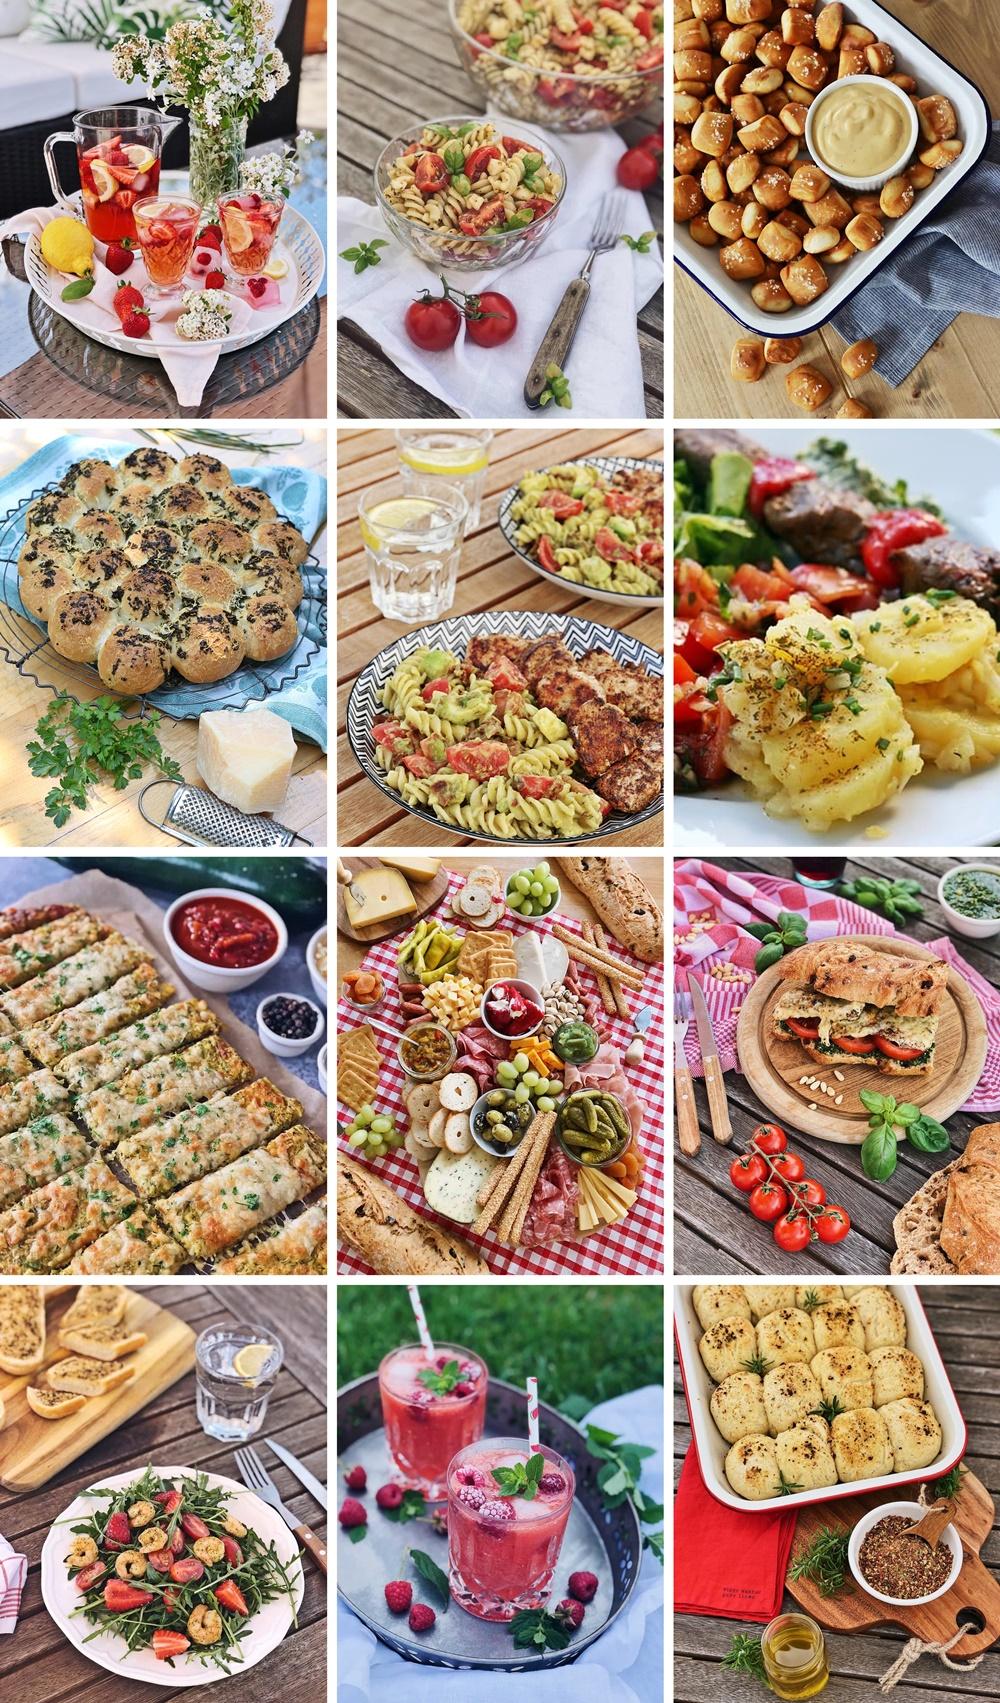 Die besten Brote, Salate, Snacks & Drinks für die Grillsaison